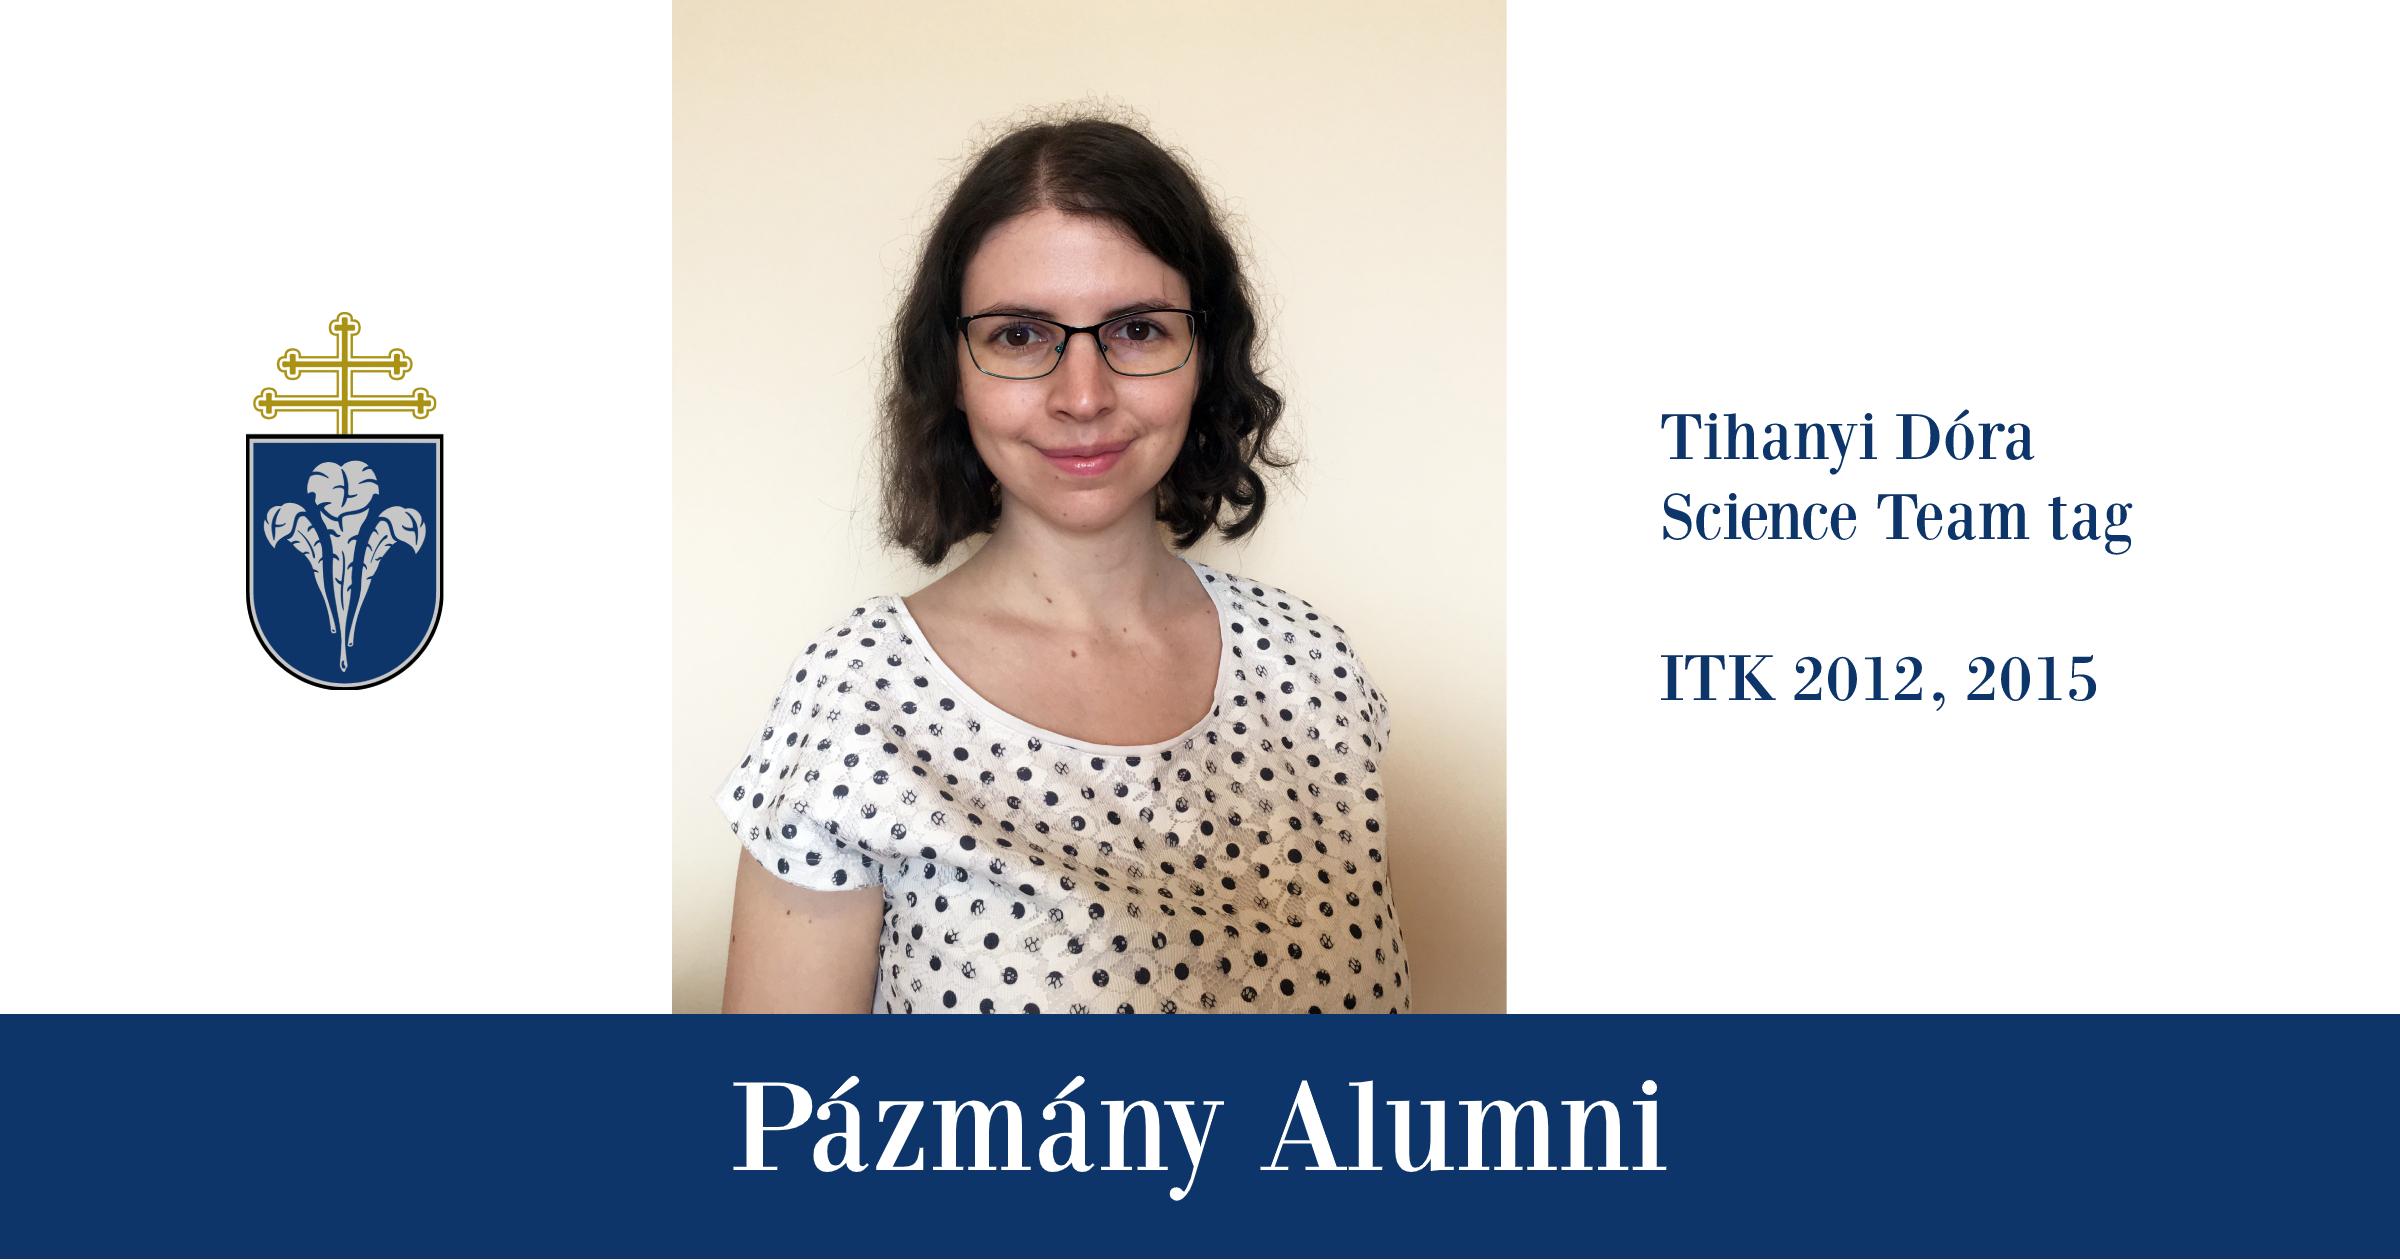 Pázmány Alumni: interjú Tihanyi Dórával, az ITK egykori hallgatójával